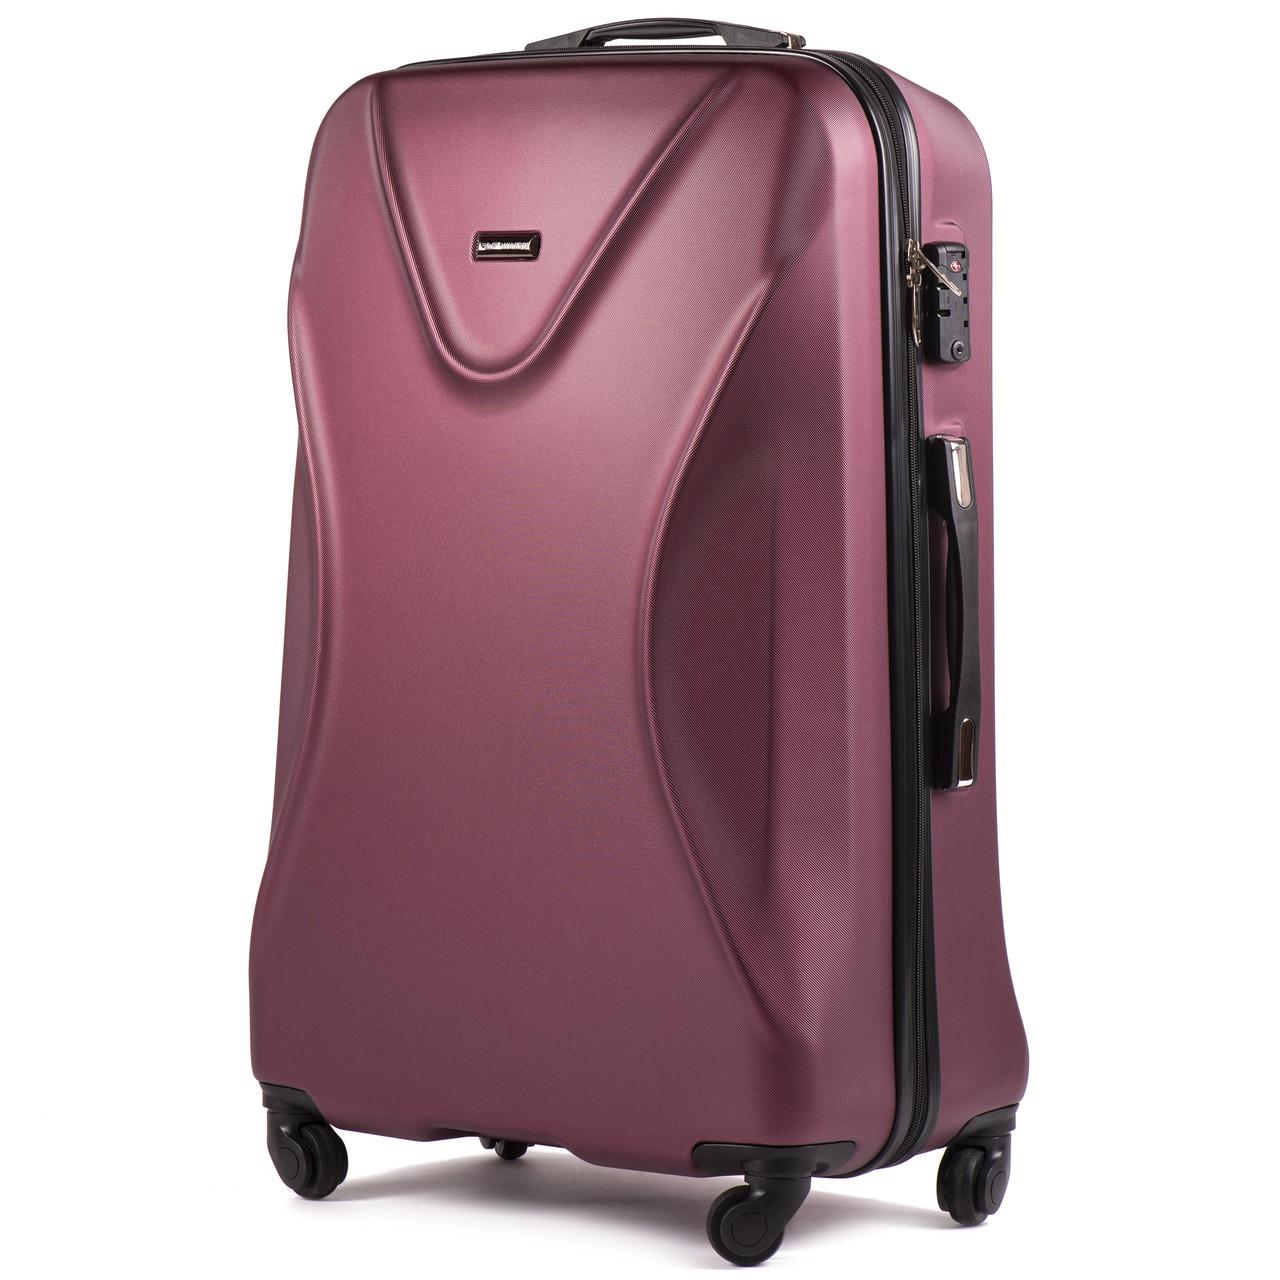 Большой пластиковый чемодан Wings 518 на 4 колесах бордовый